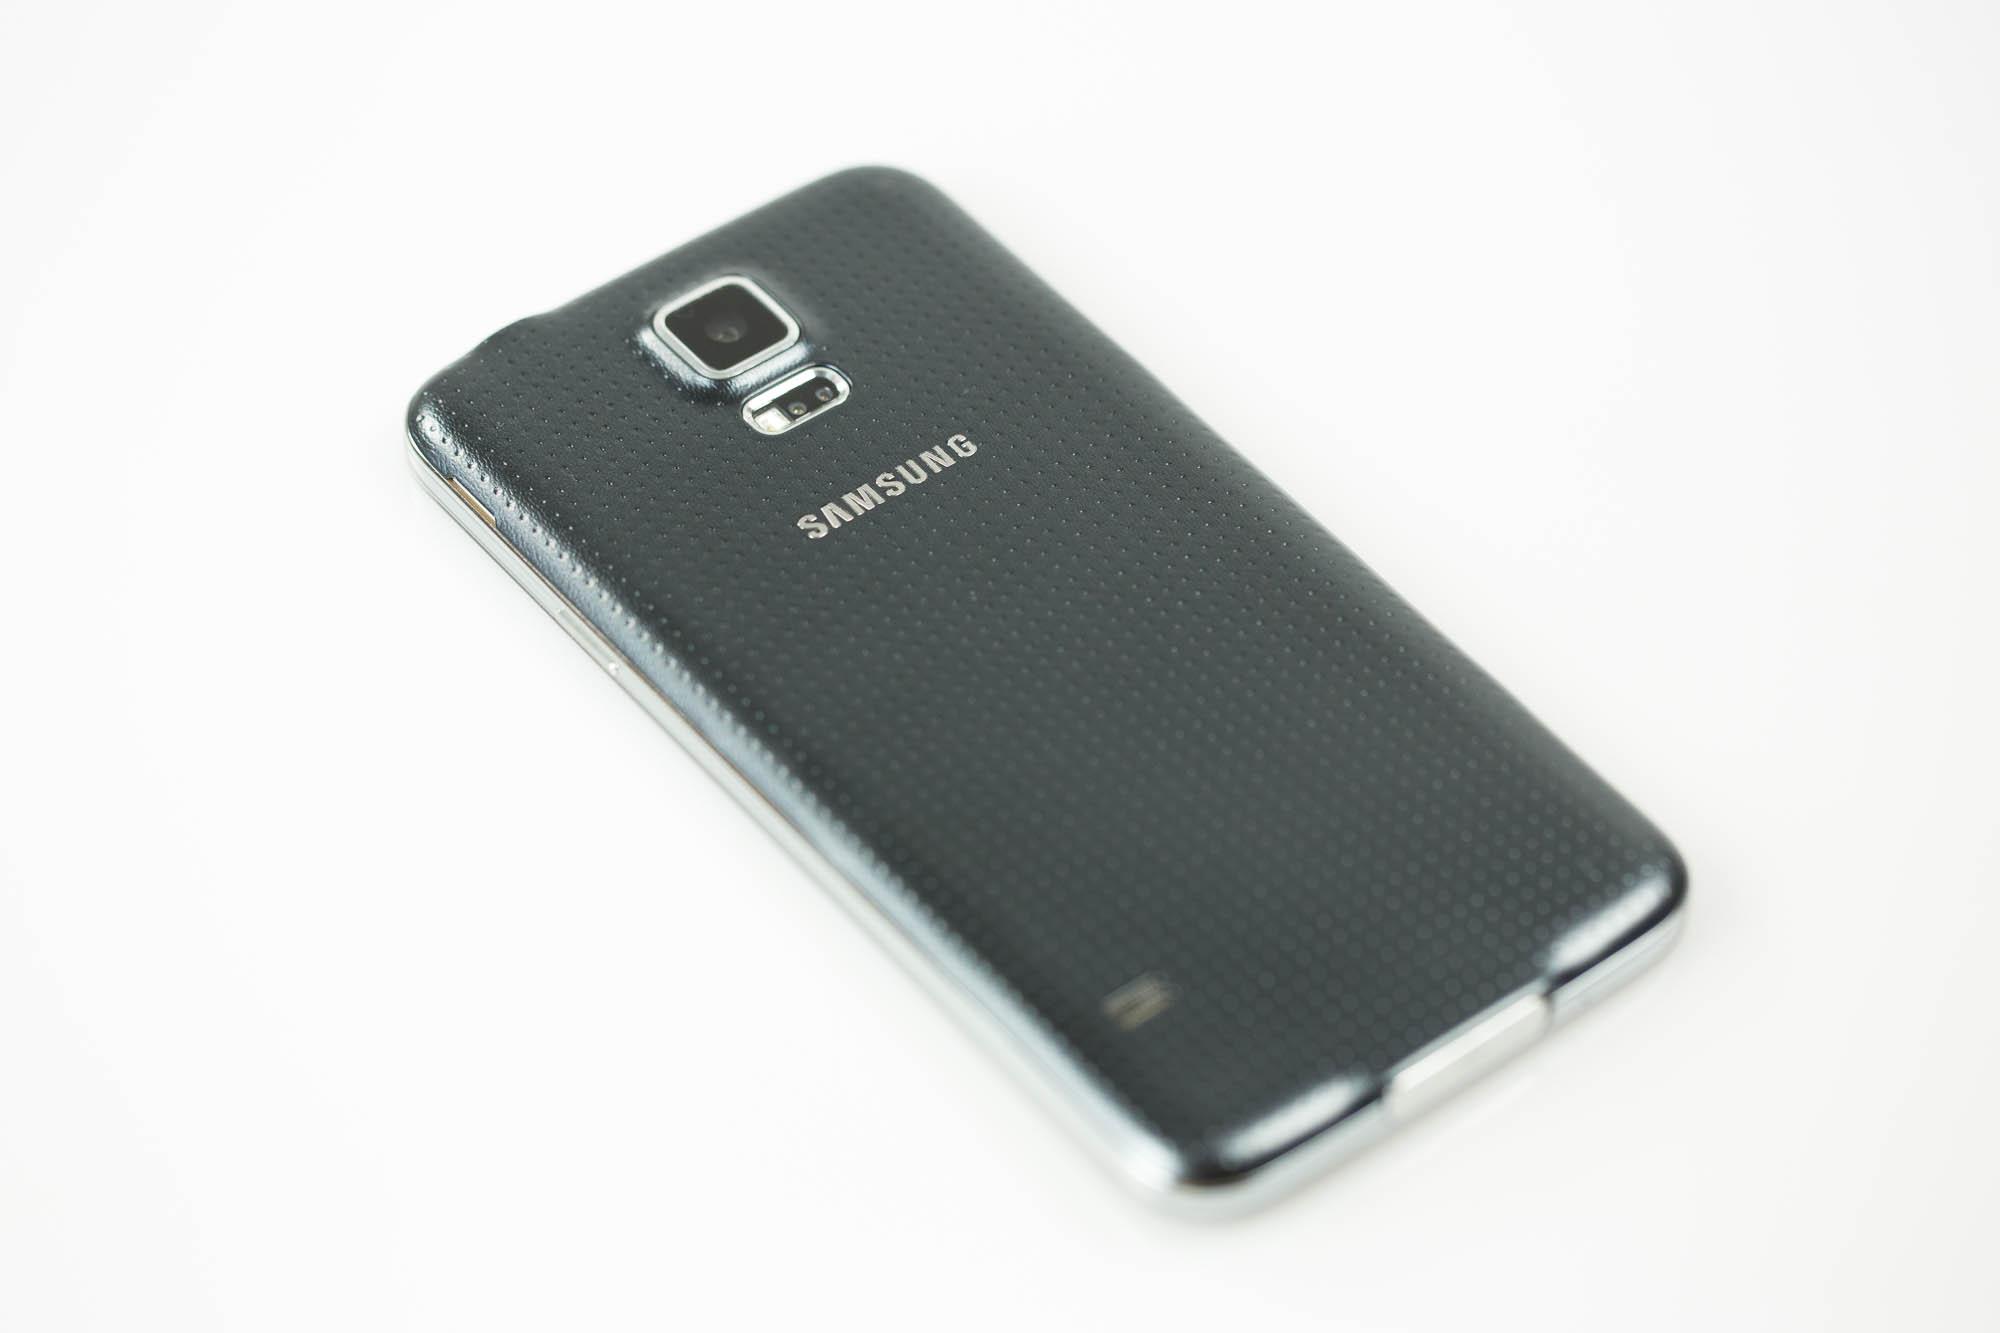 Galaxy S5 im Test: Smartphone mit Finger-nicht-immer-Erkennung -